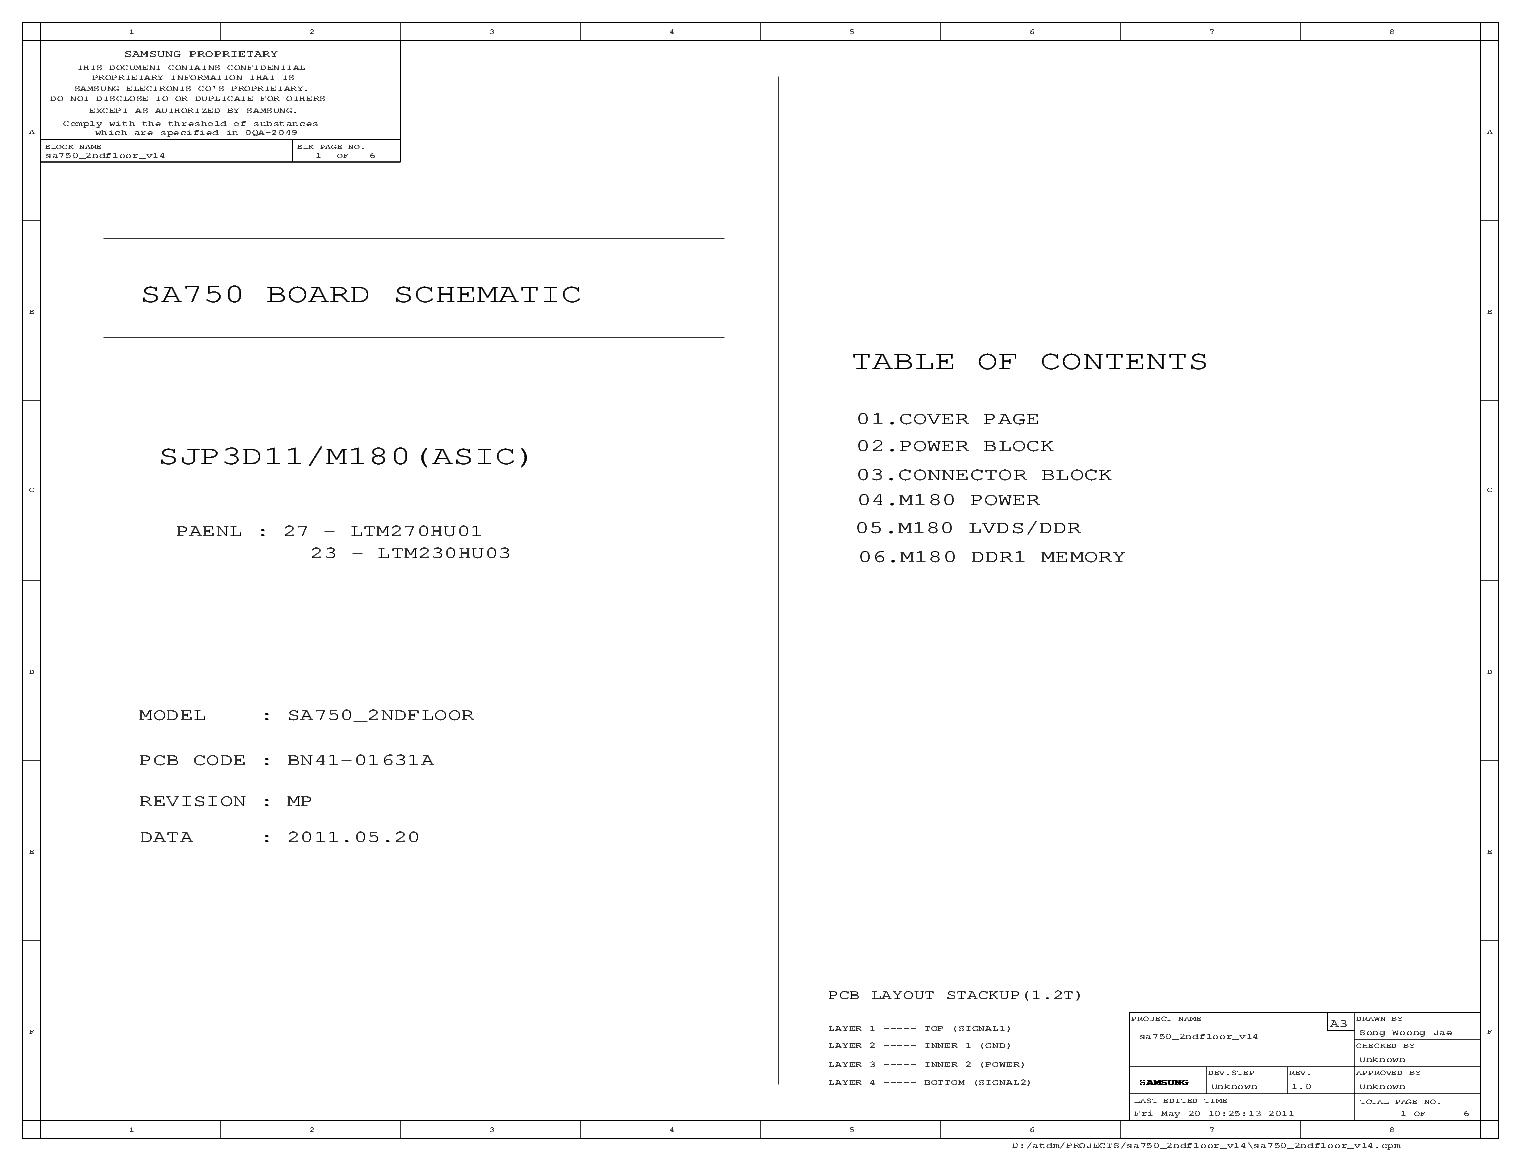 SAMSUNG SA-750 V14 service manual (1st page)